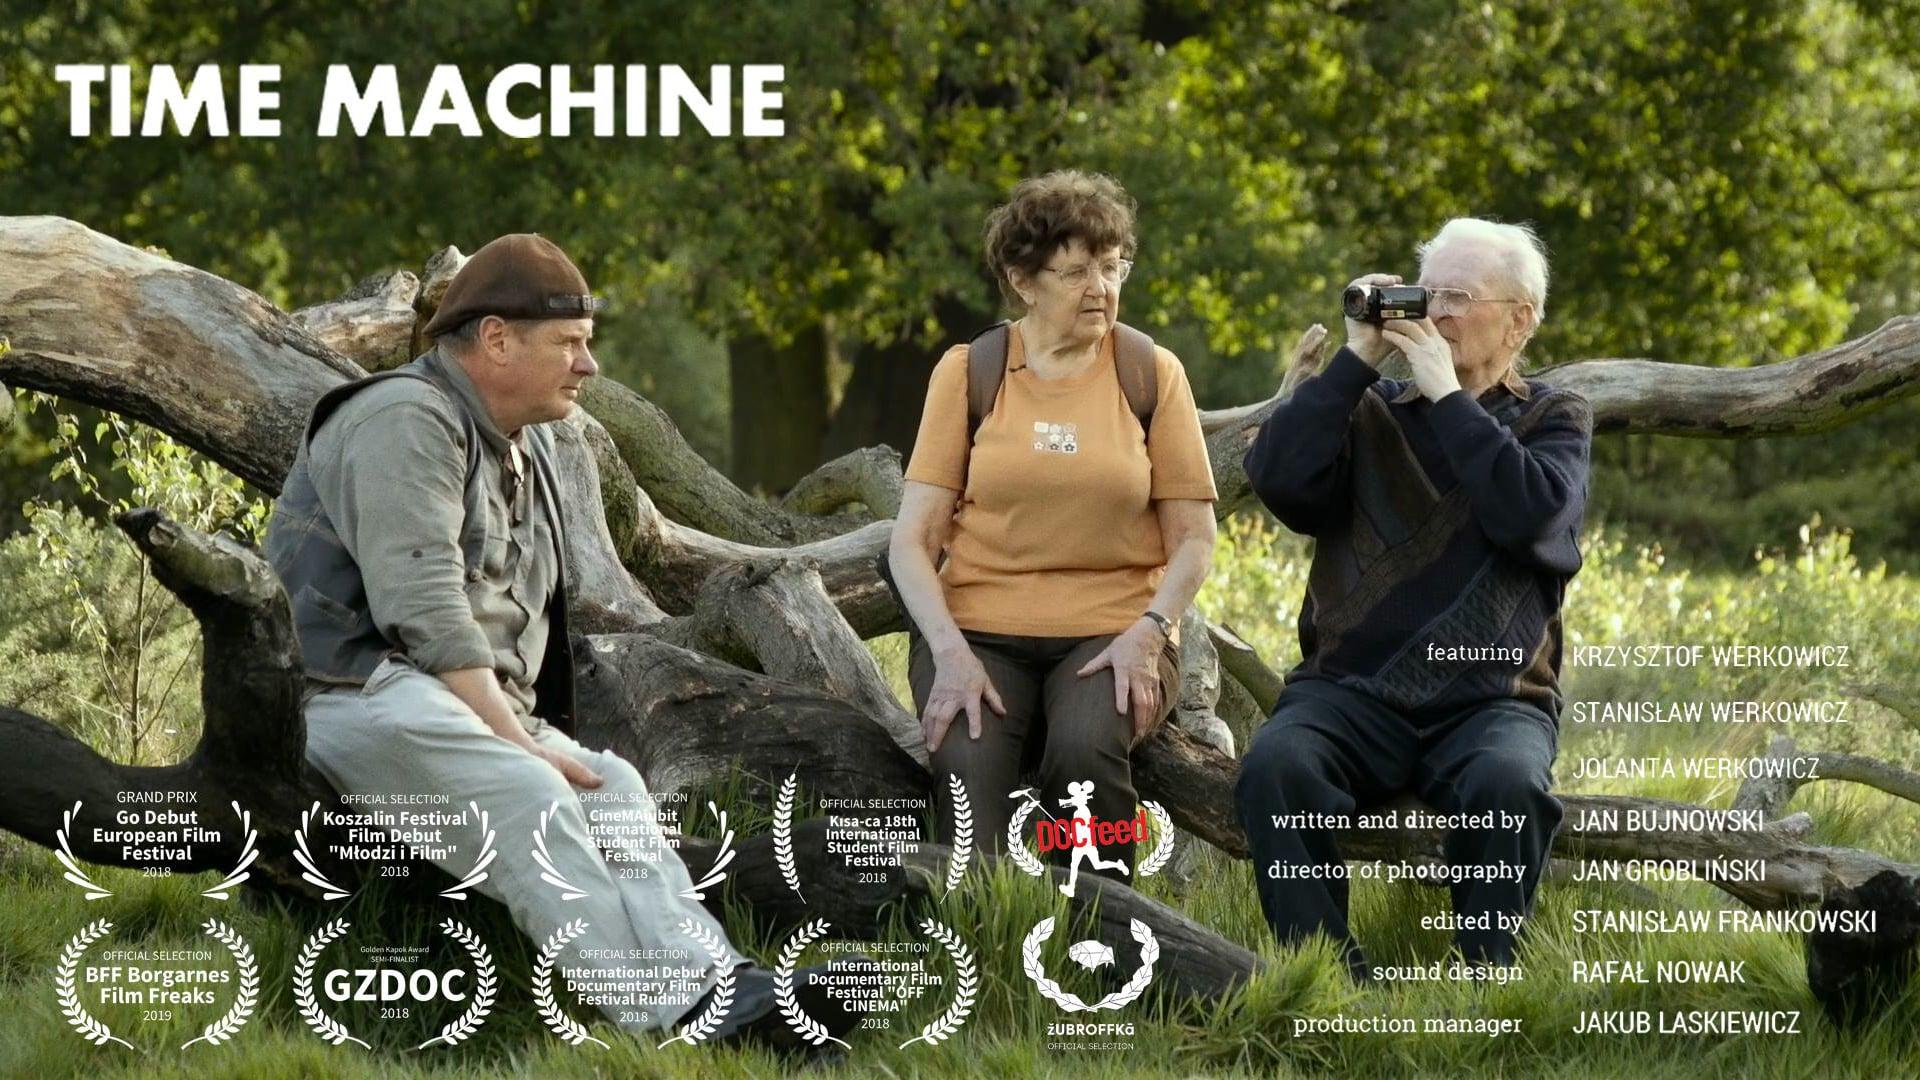 Time machine directed by Jan Bujnowski